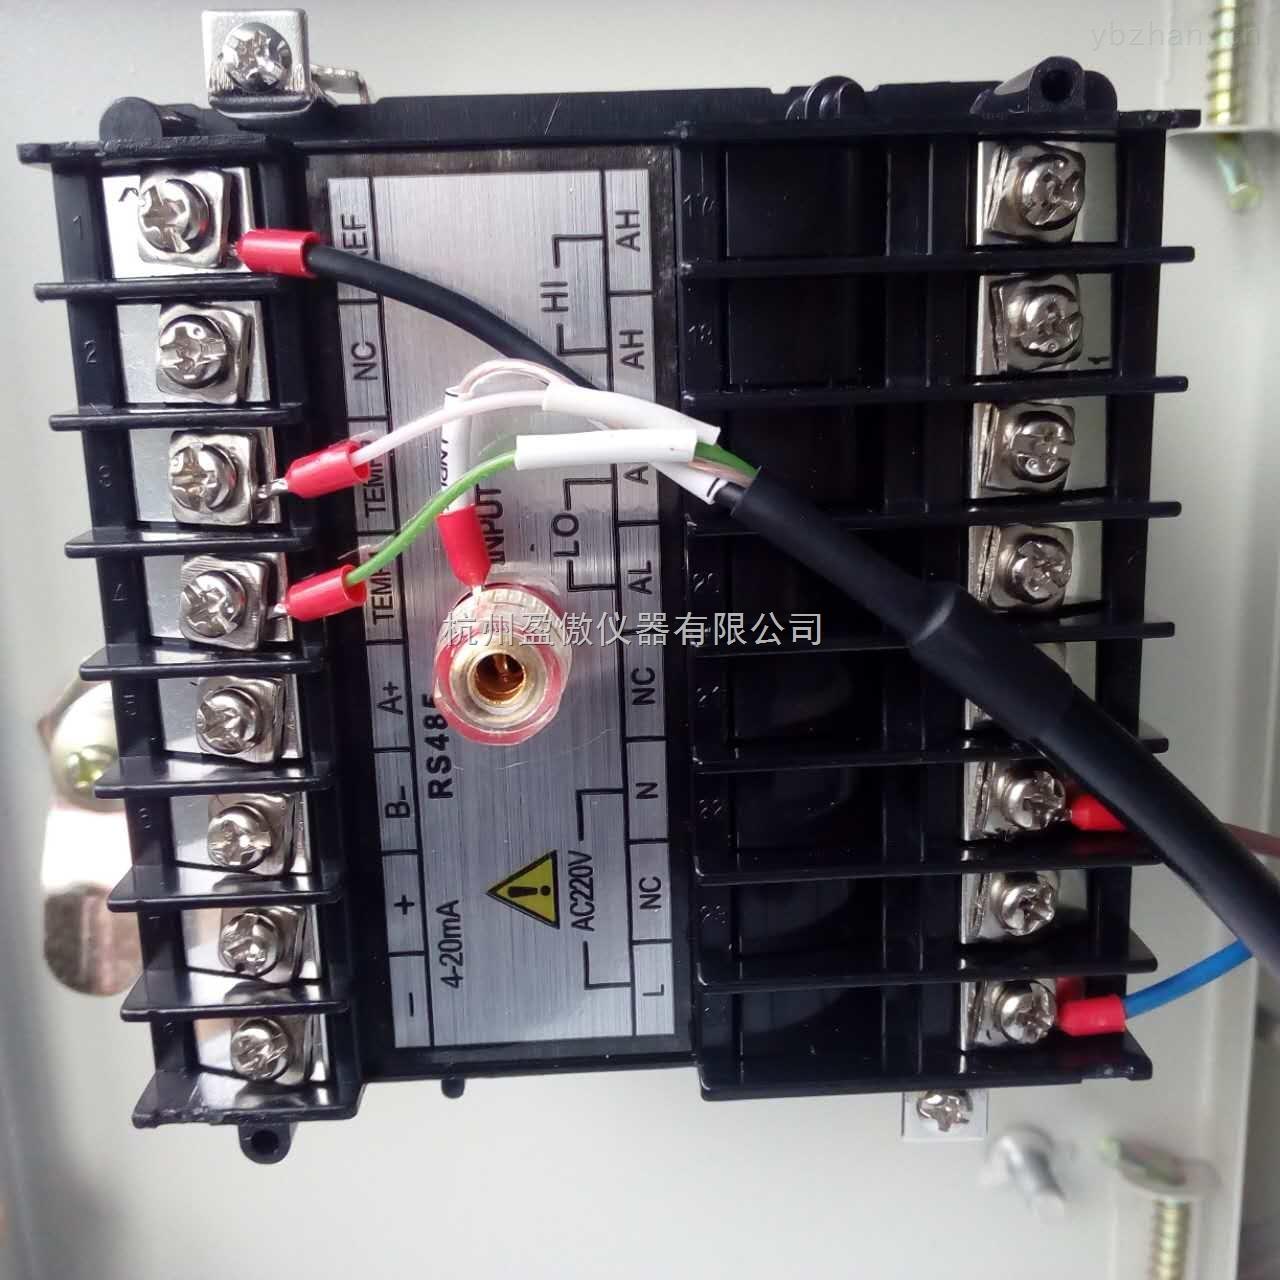 电缆 电路板 接线 线 1280_1280